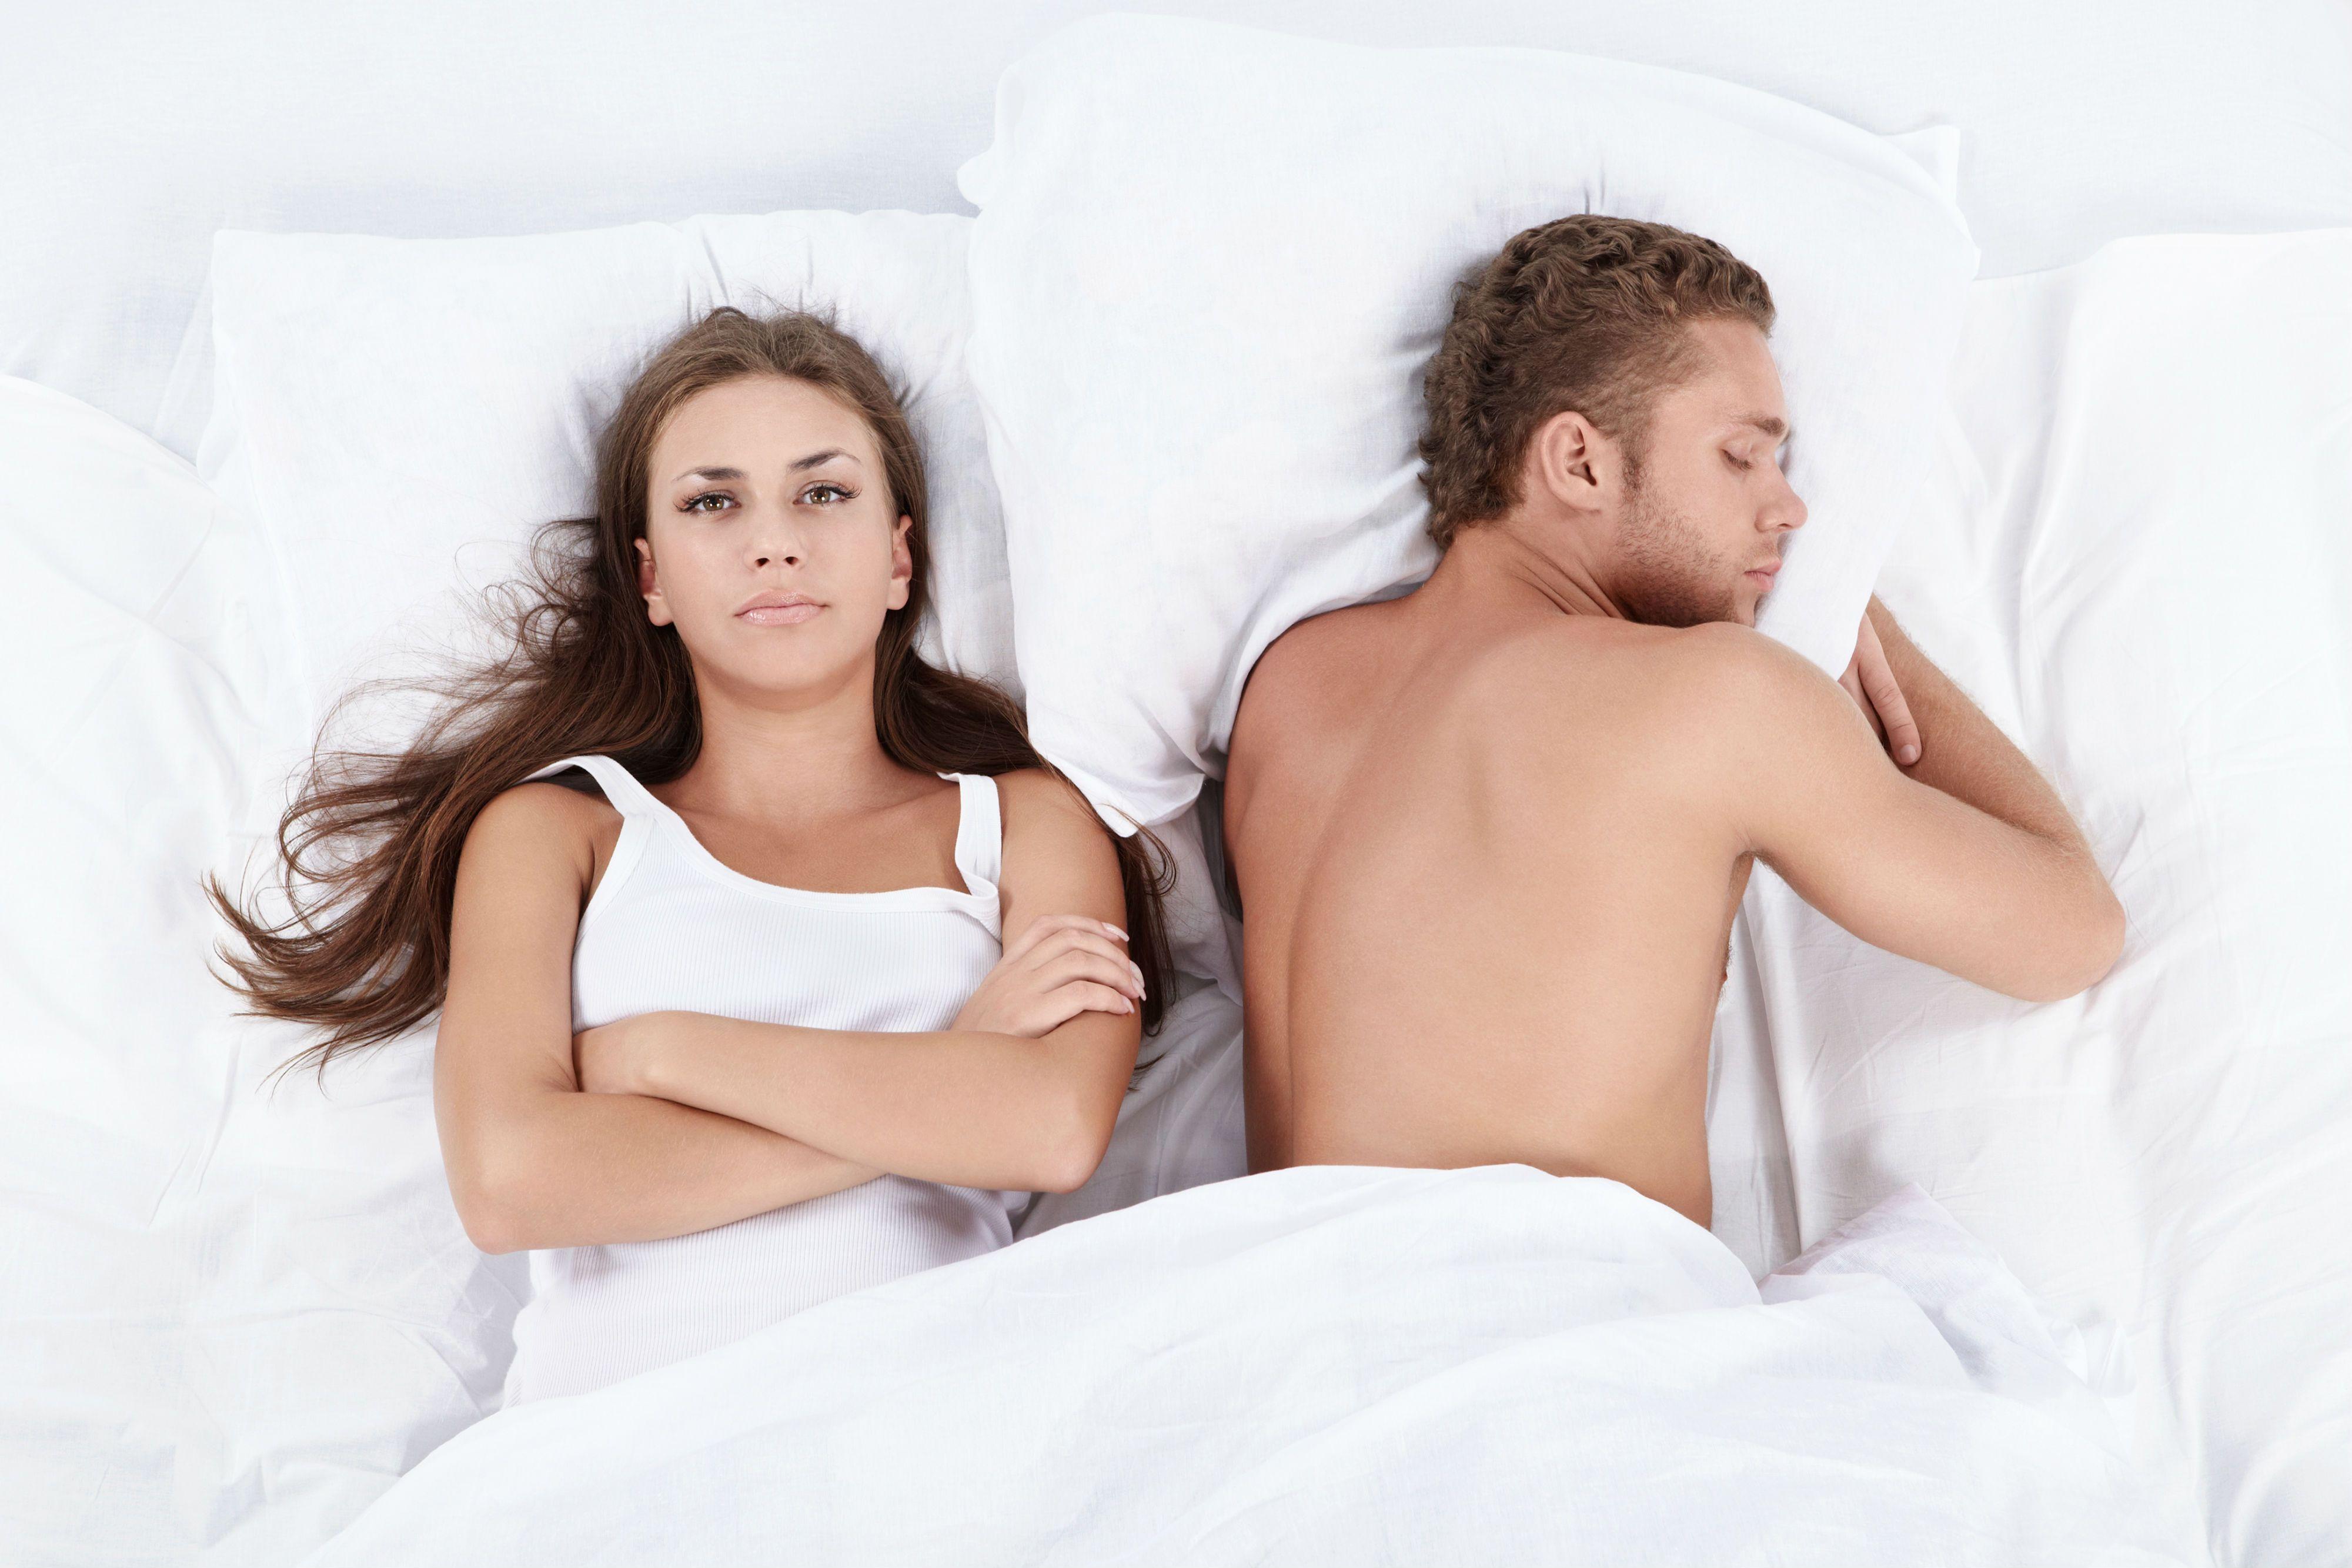 Причины если муж не занимается с женой сексом 9 фотография